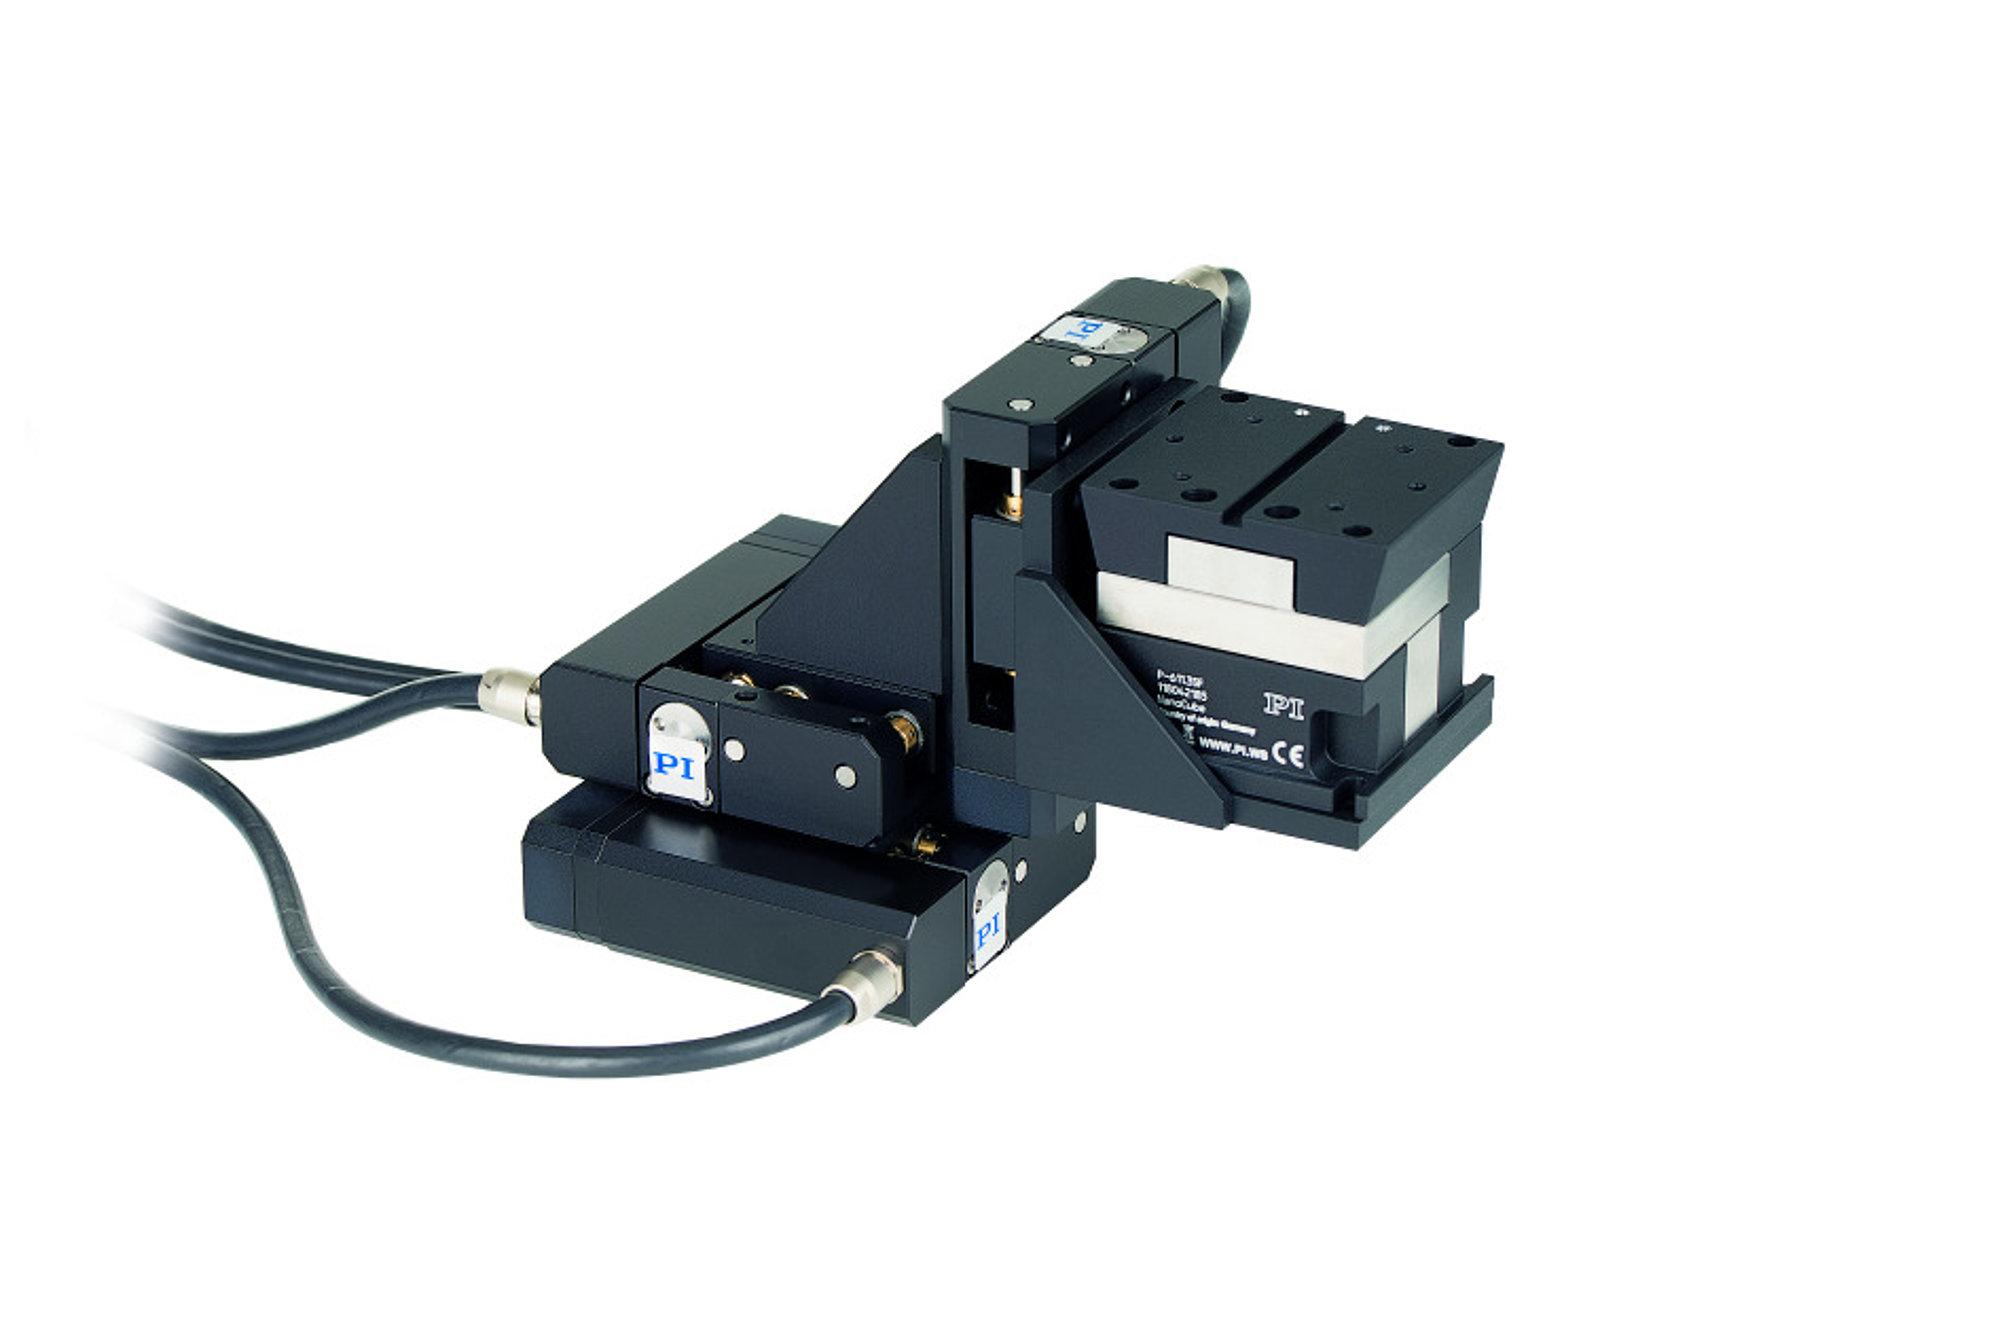 F-131 强大的光纤对准系统